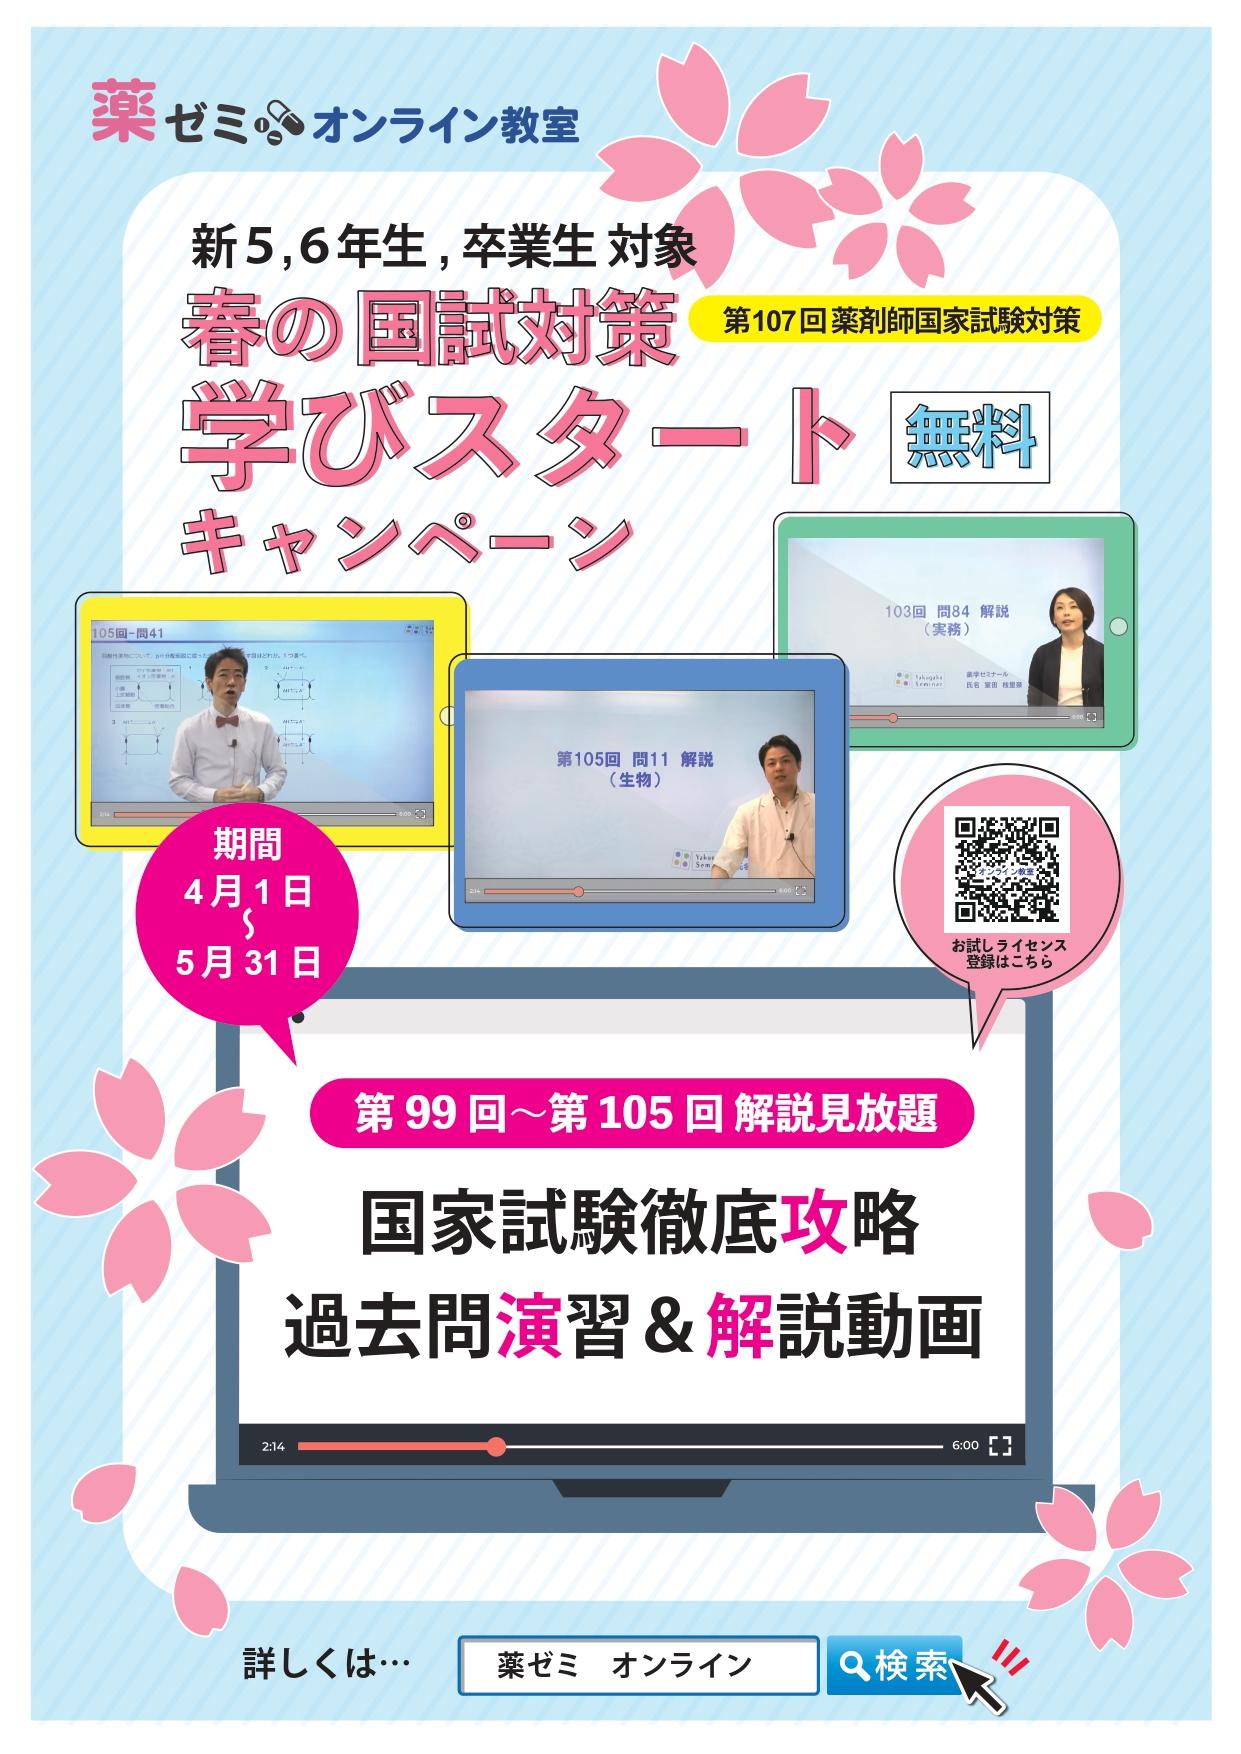 国試対策オンライン春のキャンペーン